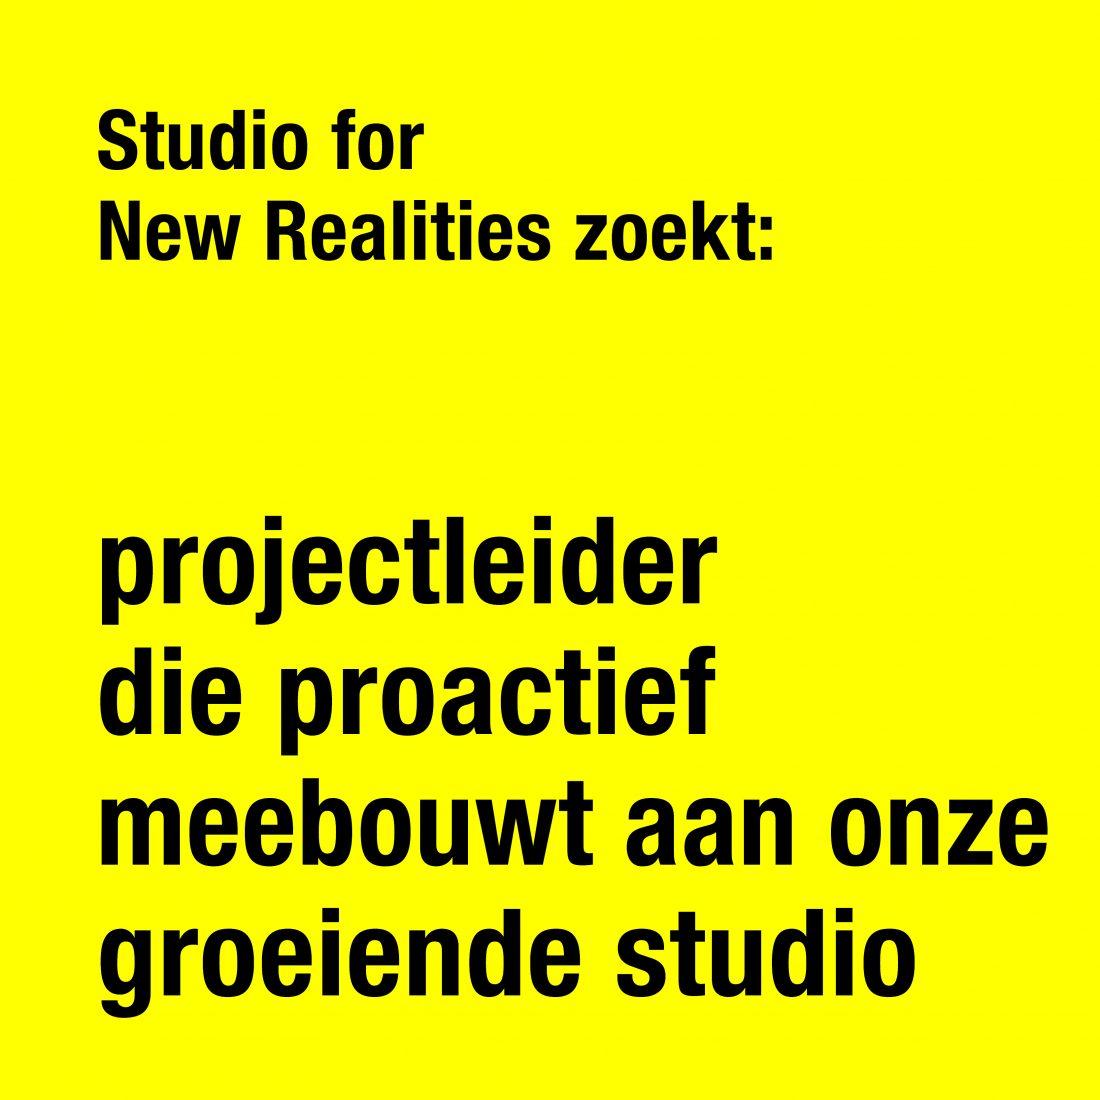 210601 Projectleider NL helderder geel